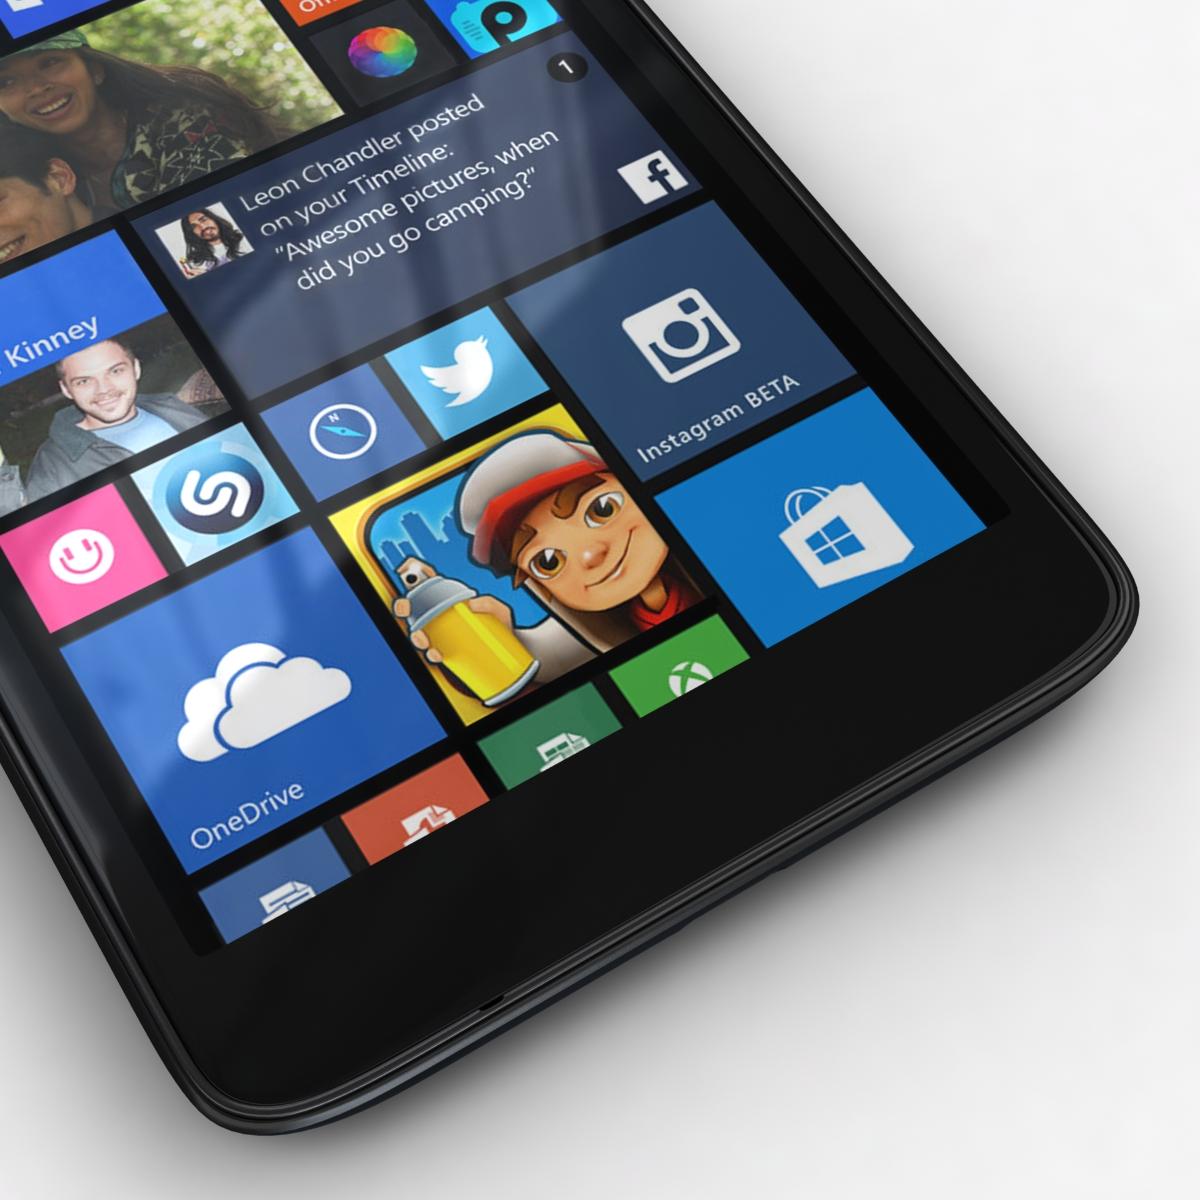 microsoft lumia 535 and dual sim all colors 3d model 3ds max fbx c4d obj 204704